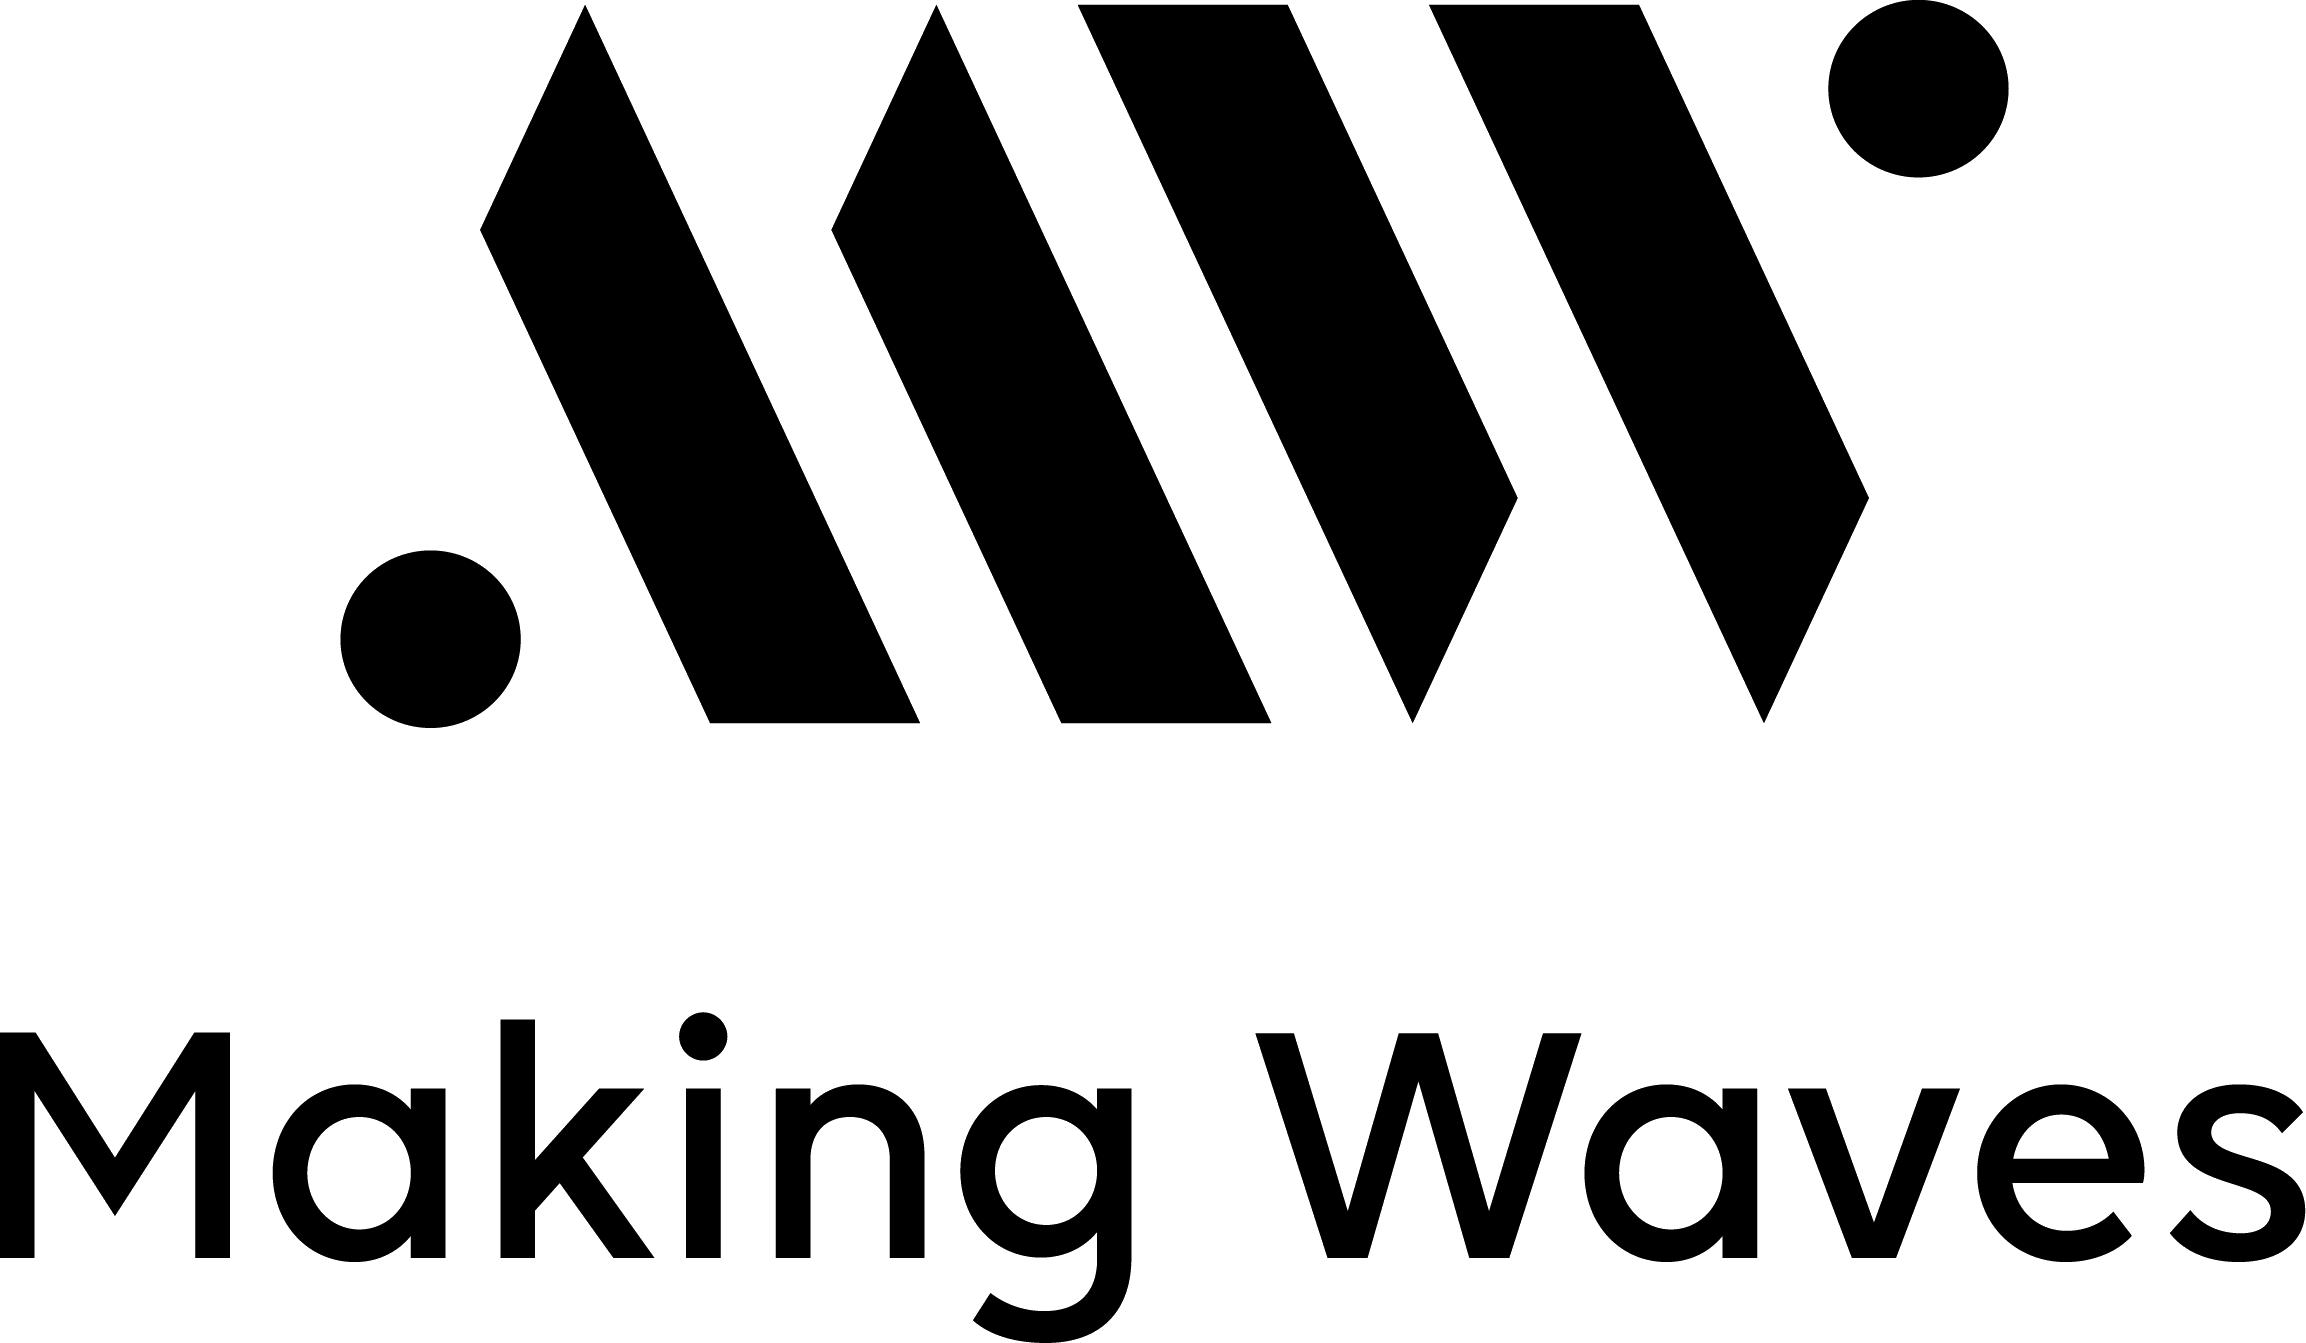 Making-Waves_logo